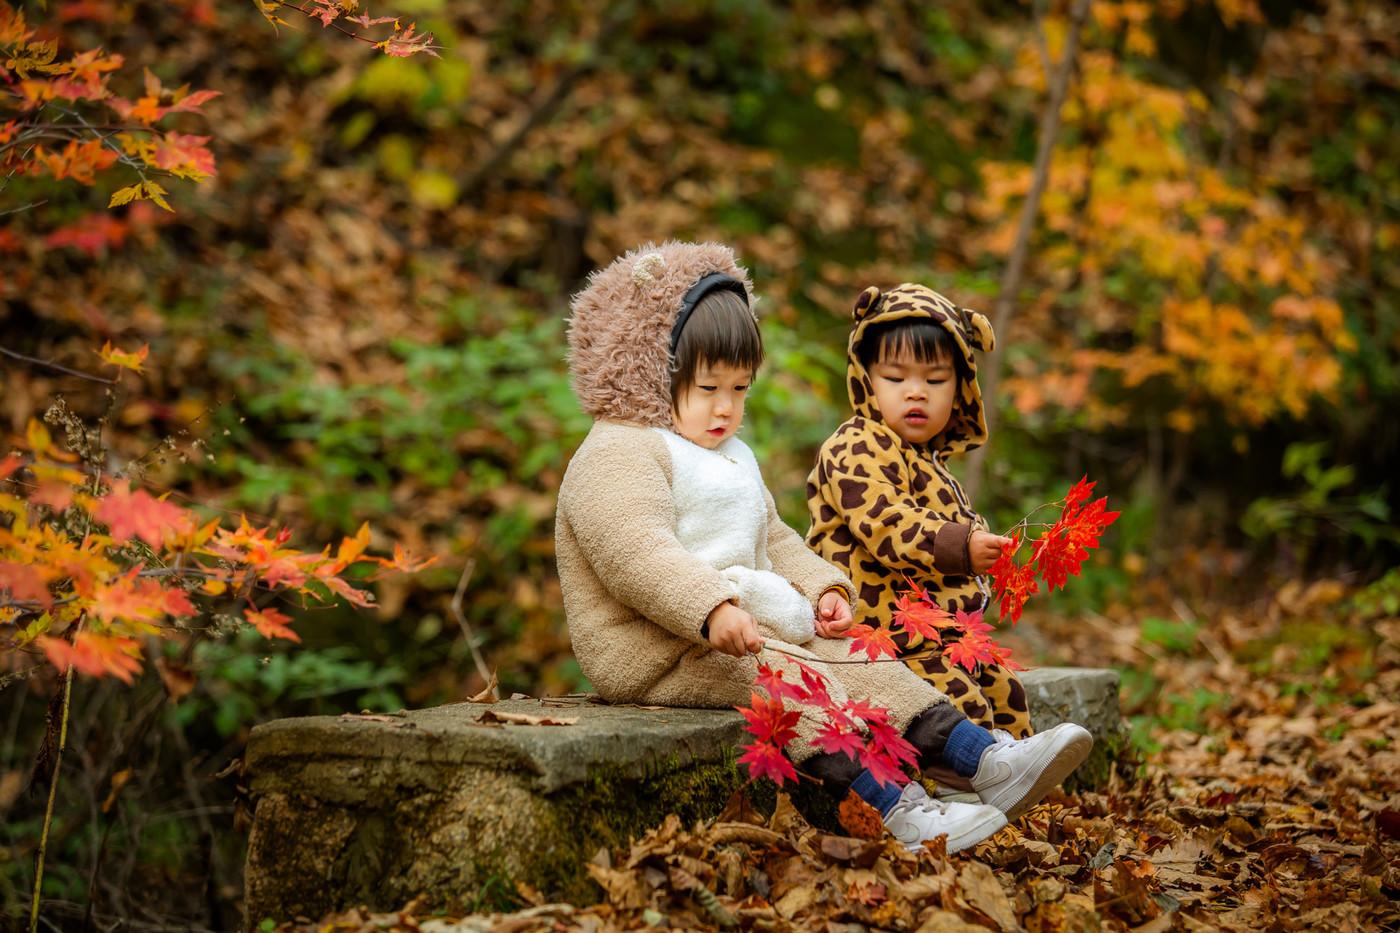 红叶林里的小可爱2